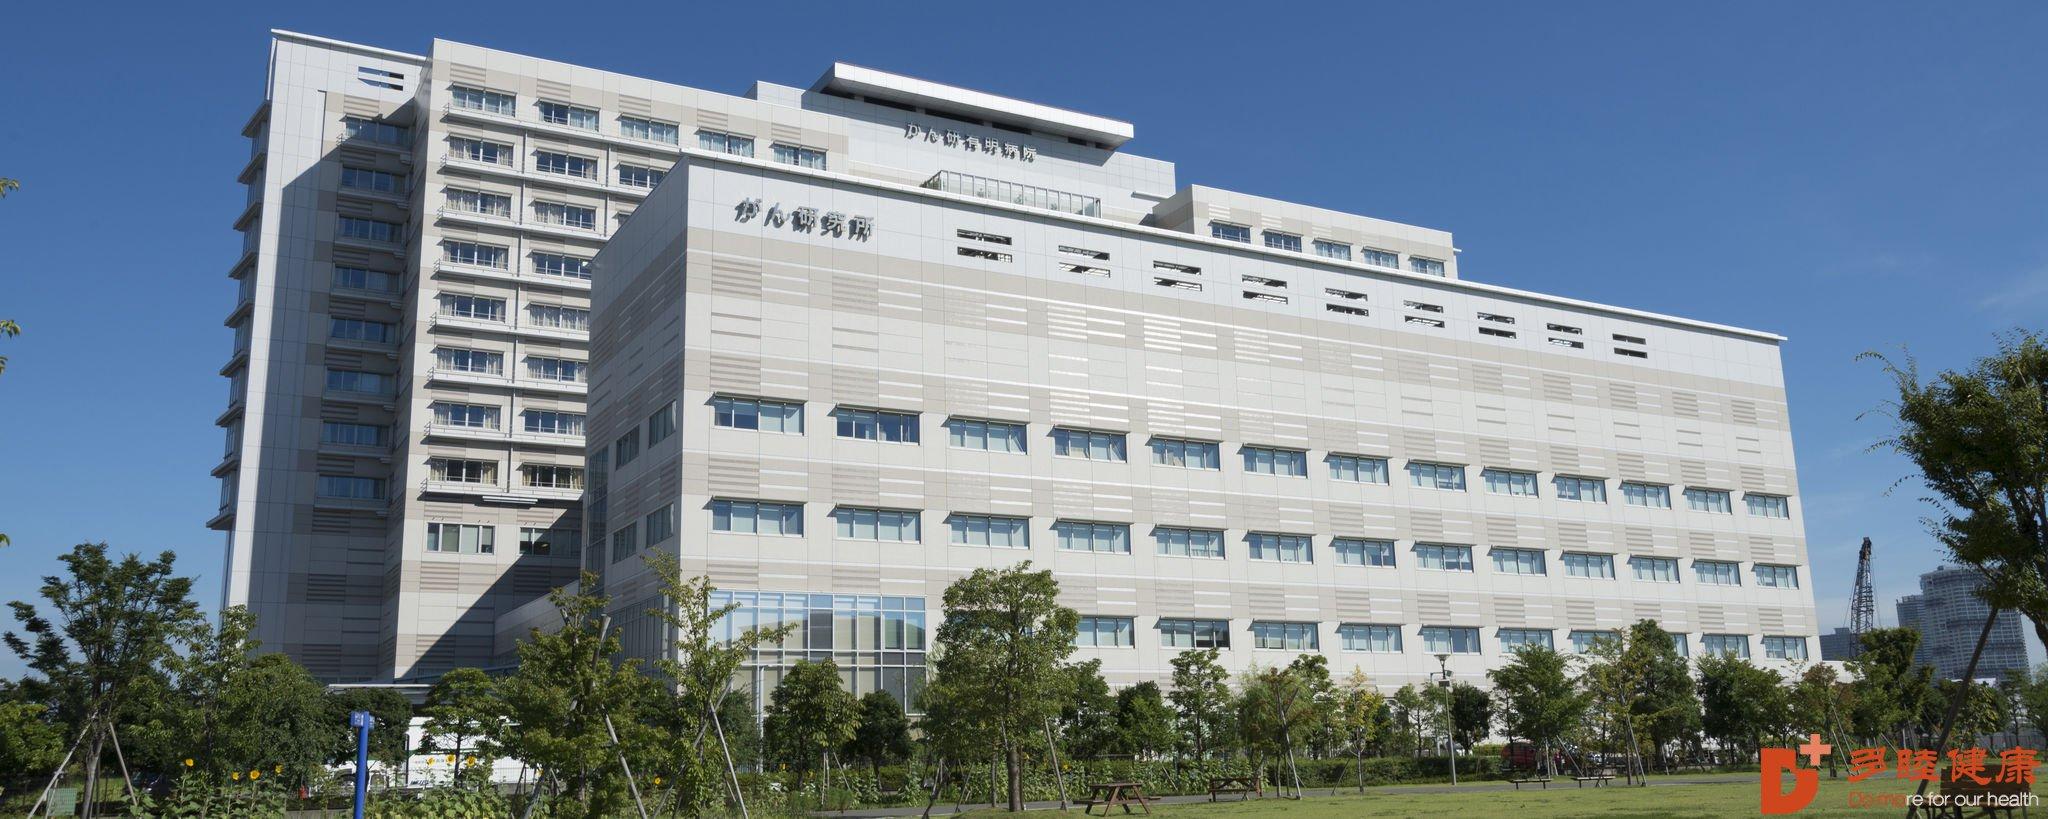 日本高级防癌体检的专业体现在哪些方面?